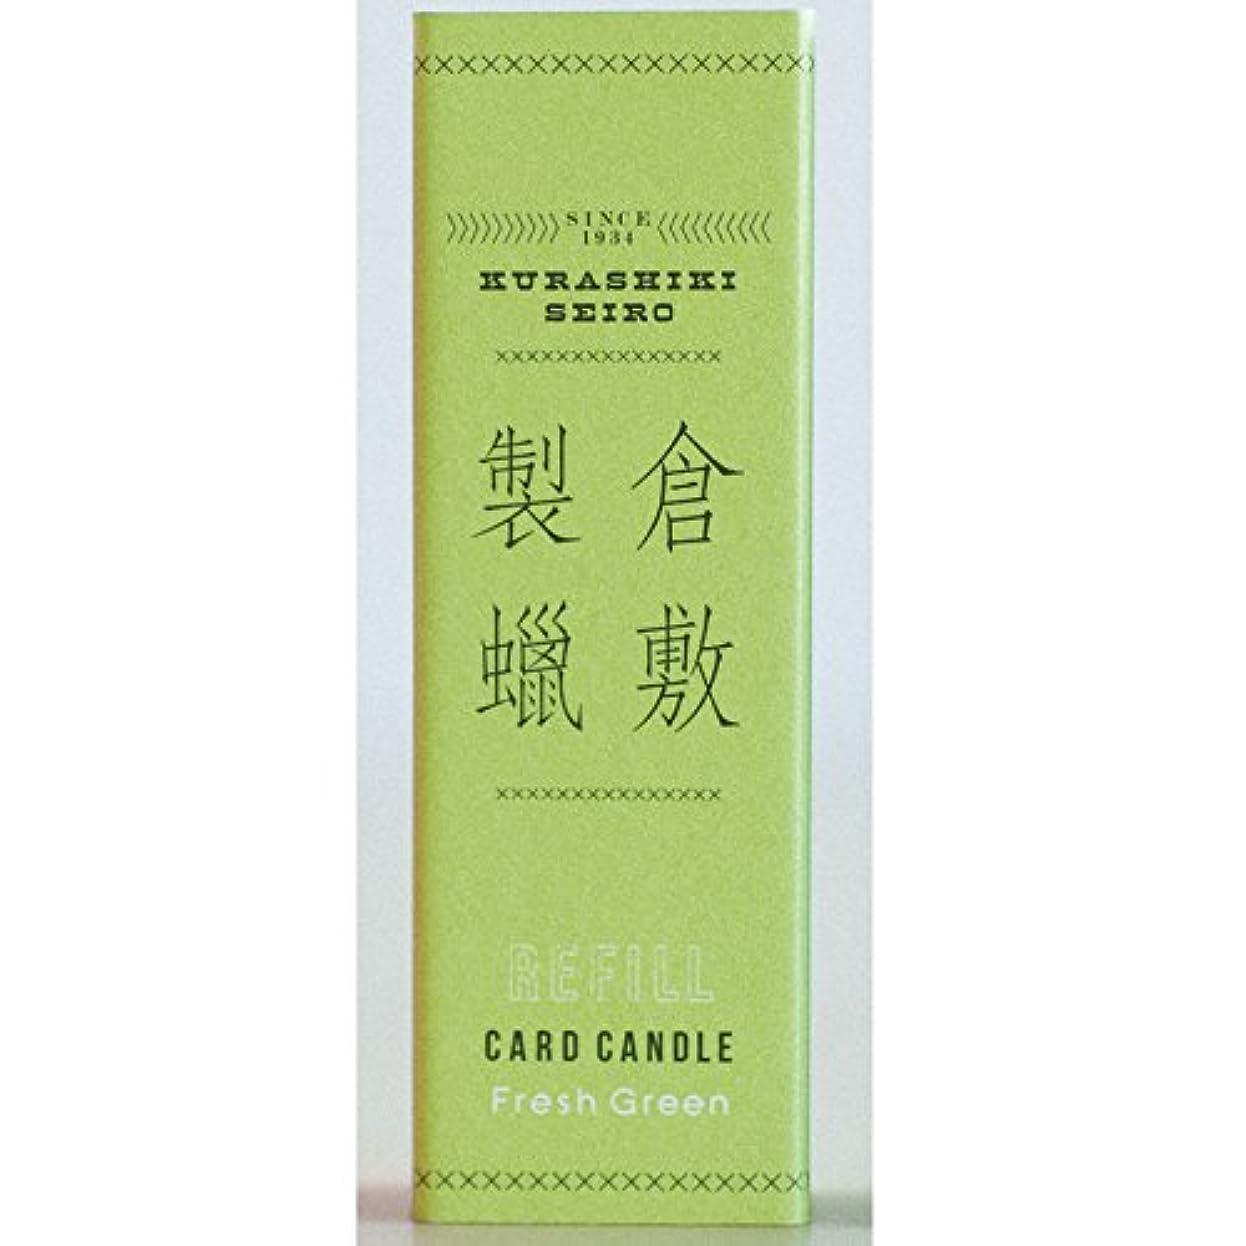 マージン悪性効率的倉敷製蝋 CARD CANDLE REFILL (Fresh Green)